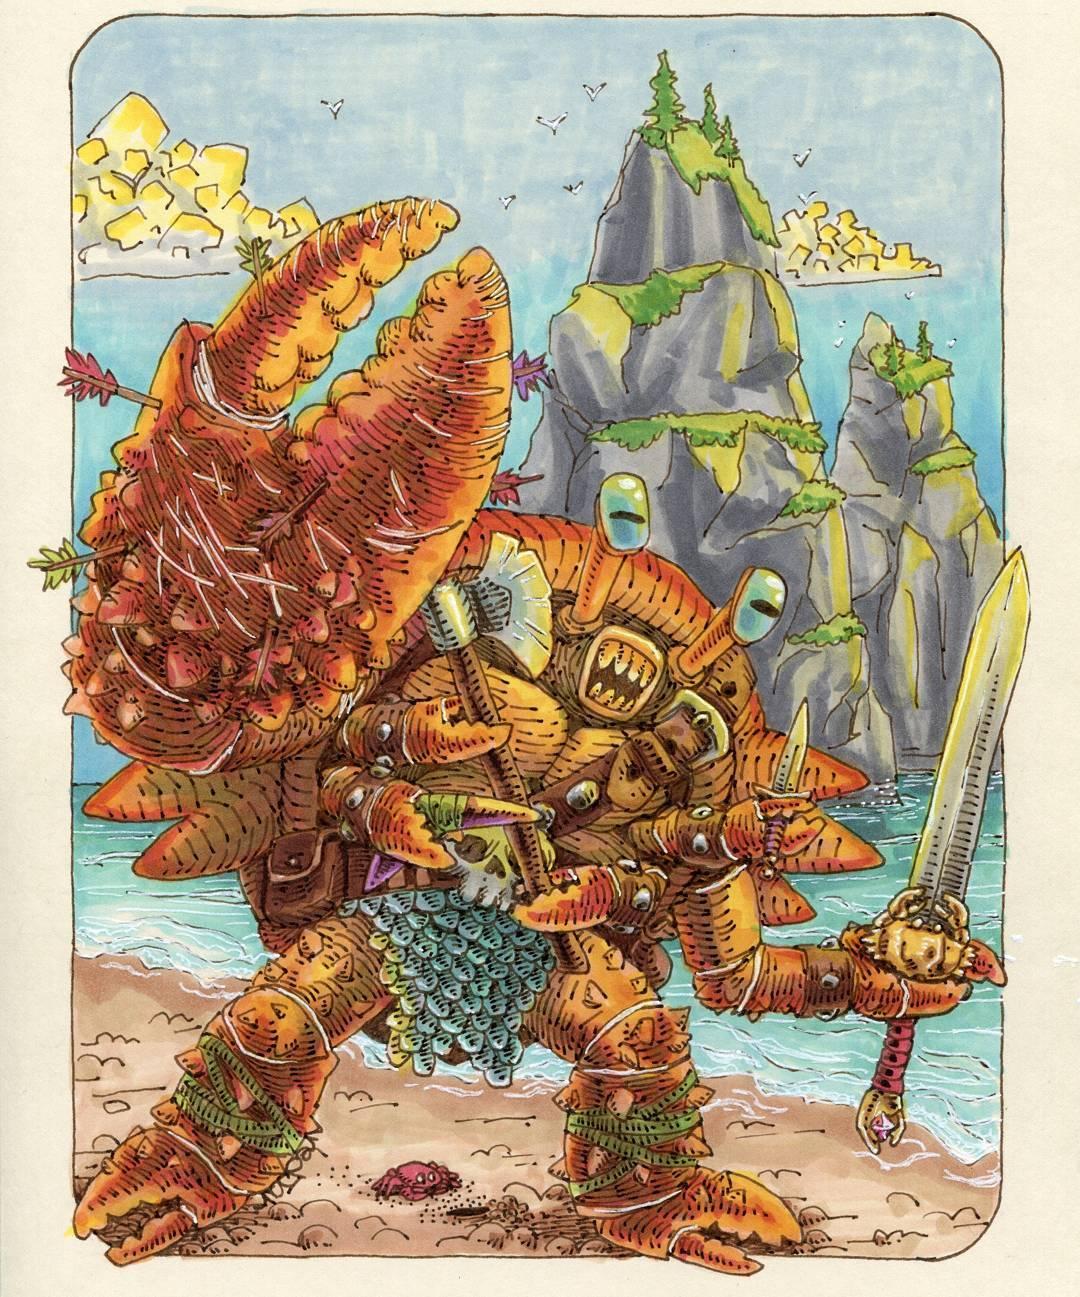 """redjarojam """"Crab Warrior"""" - by Jared DeCosta (redjarojam) www.instagram.com/redjarojam (2016-2019) © dell'autore tutti i diritti riservati"""